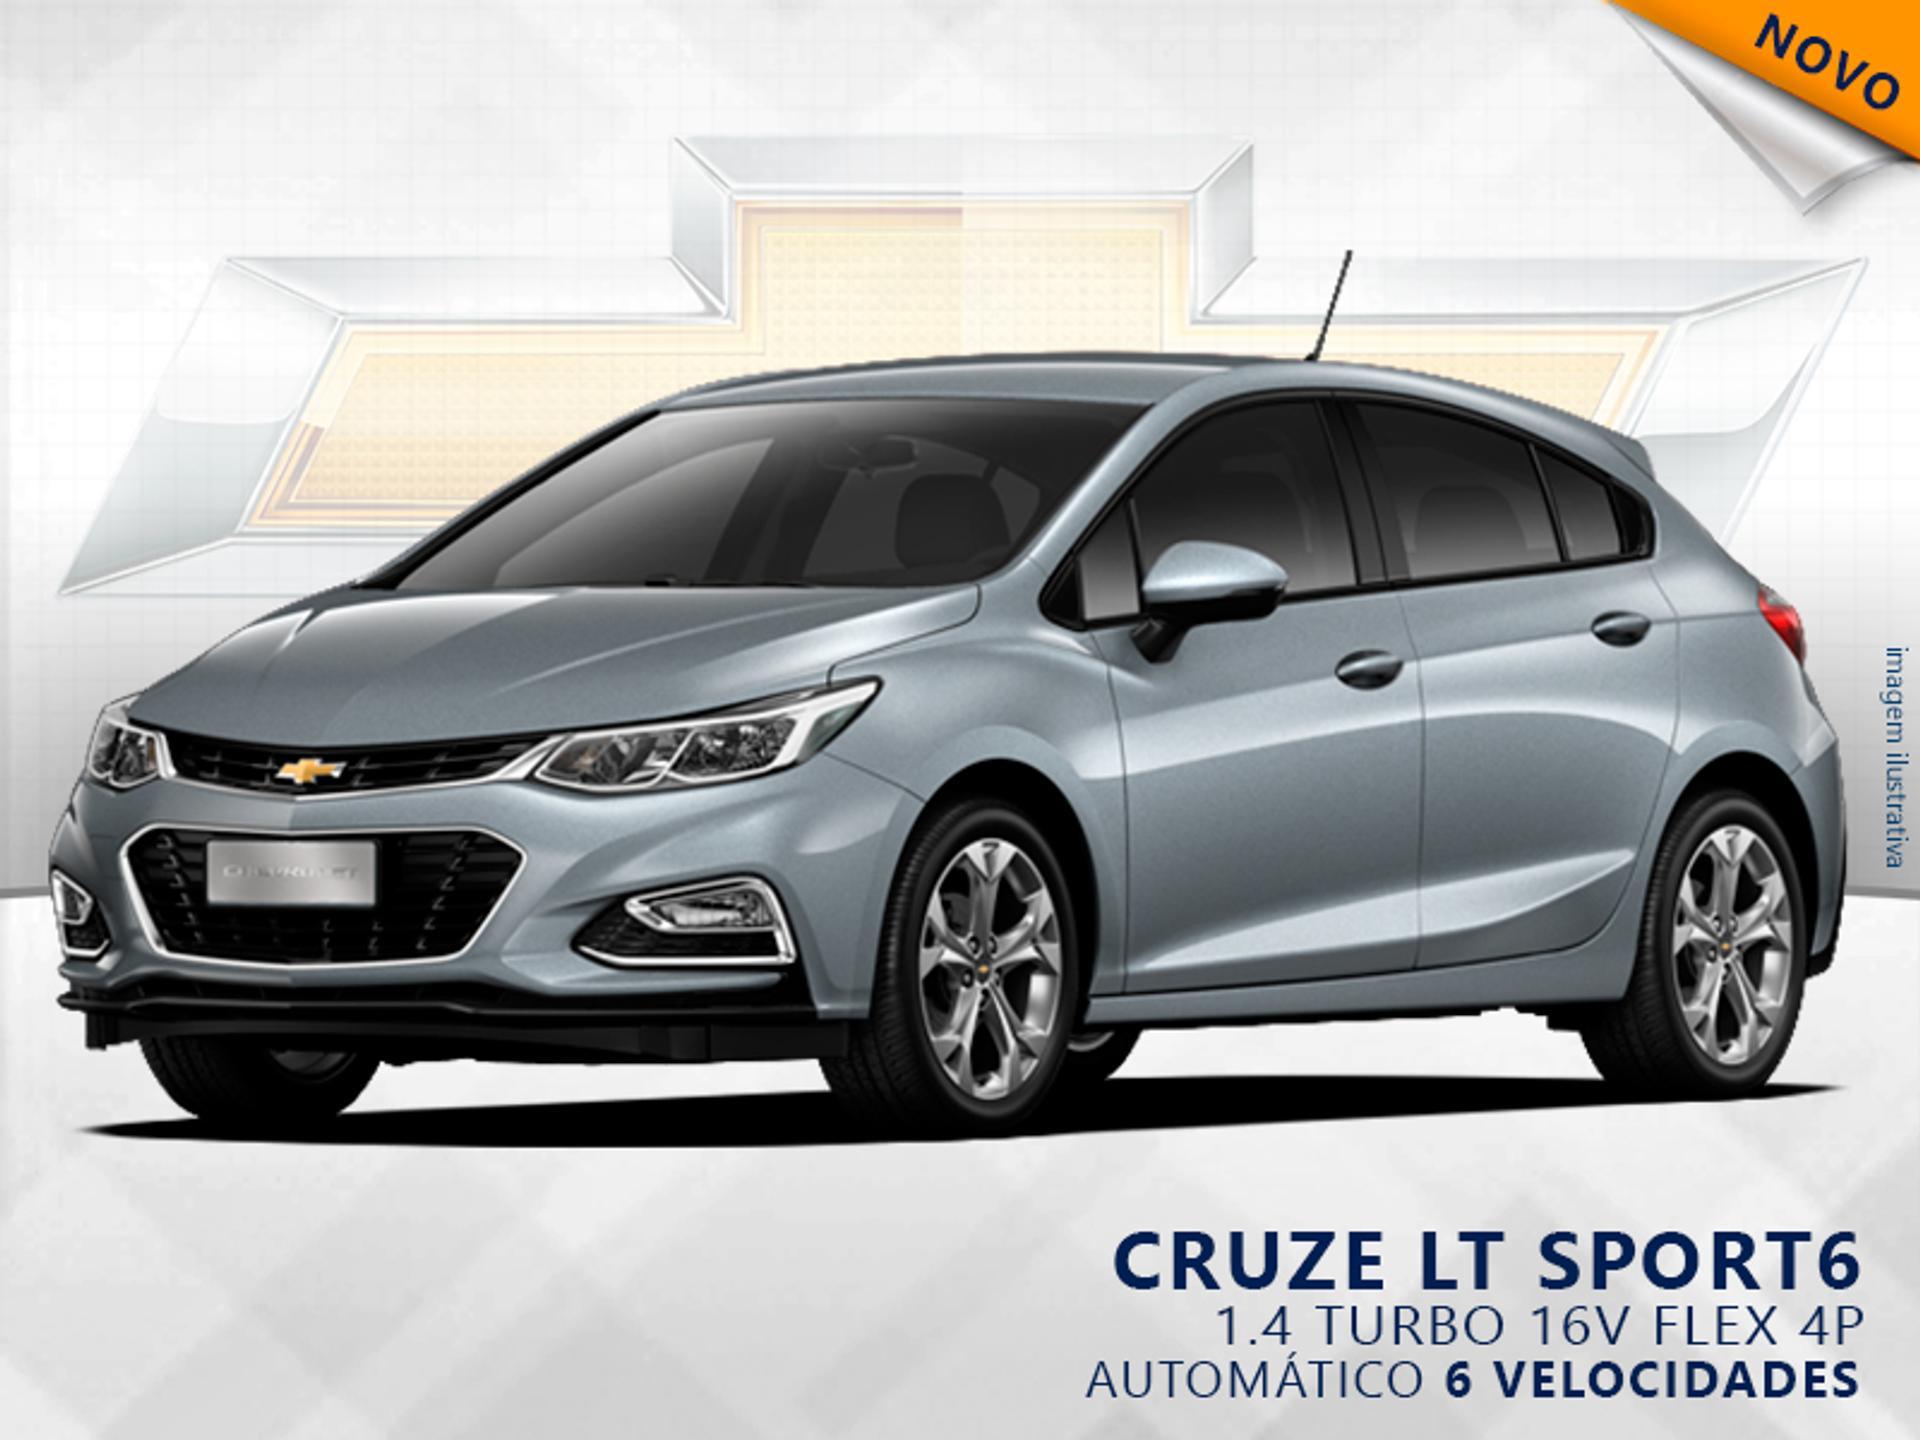 chevrolet-cruze-1.4-turbo-sport6-lt-16v-flex-4p-automatico-wmimagem13473845877